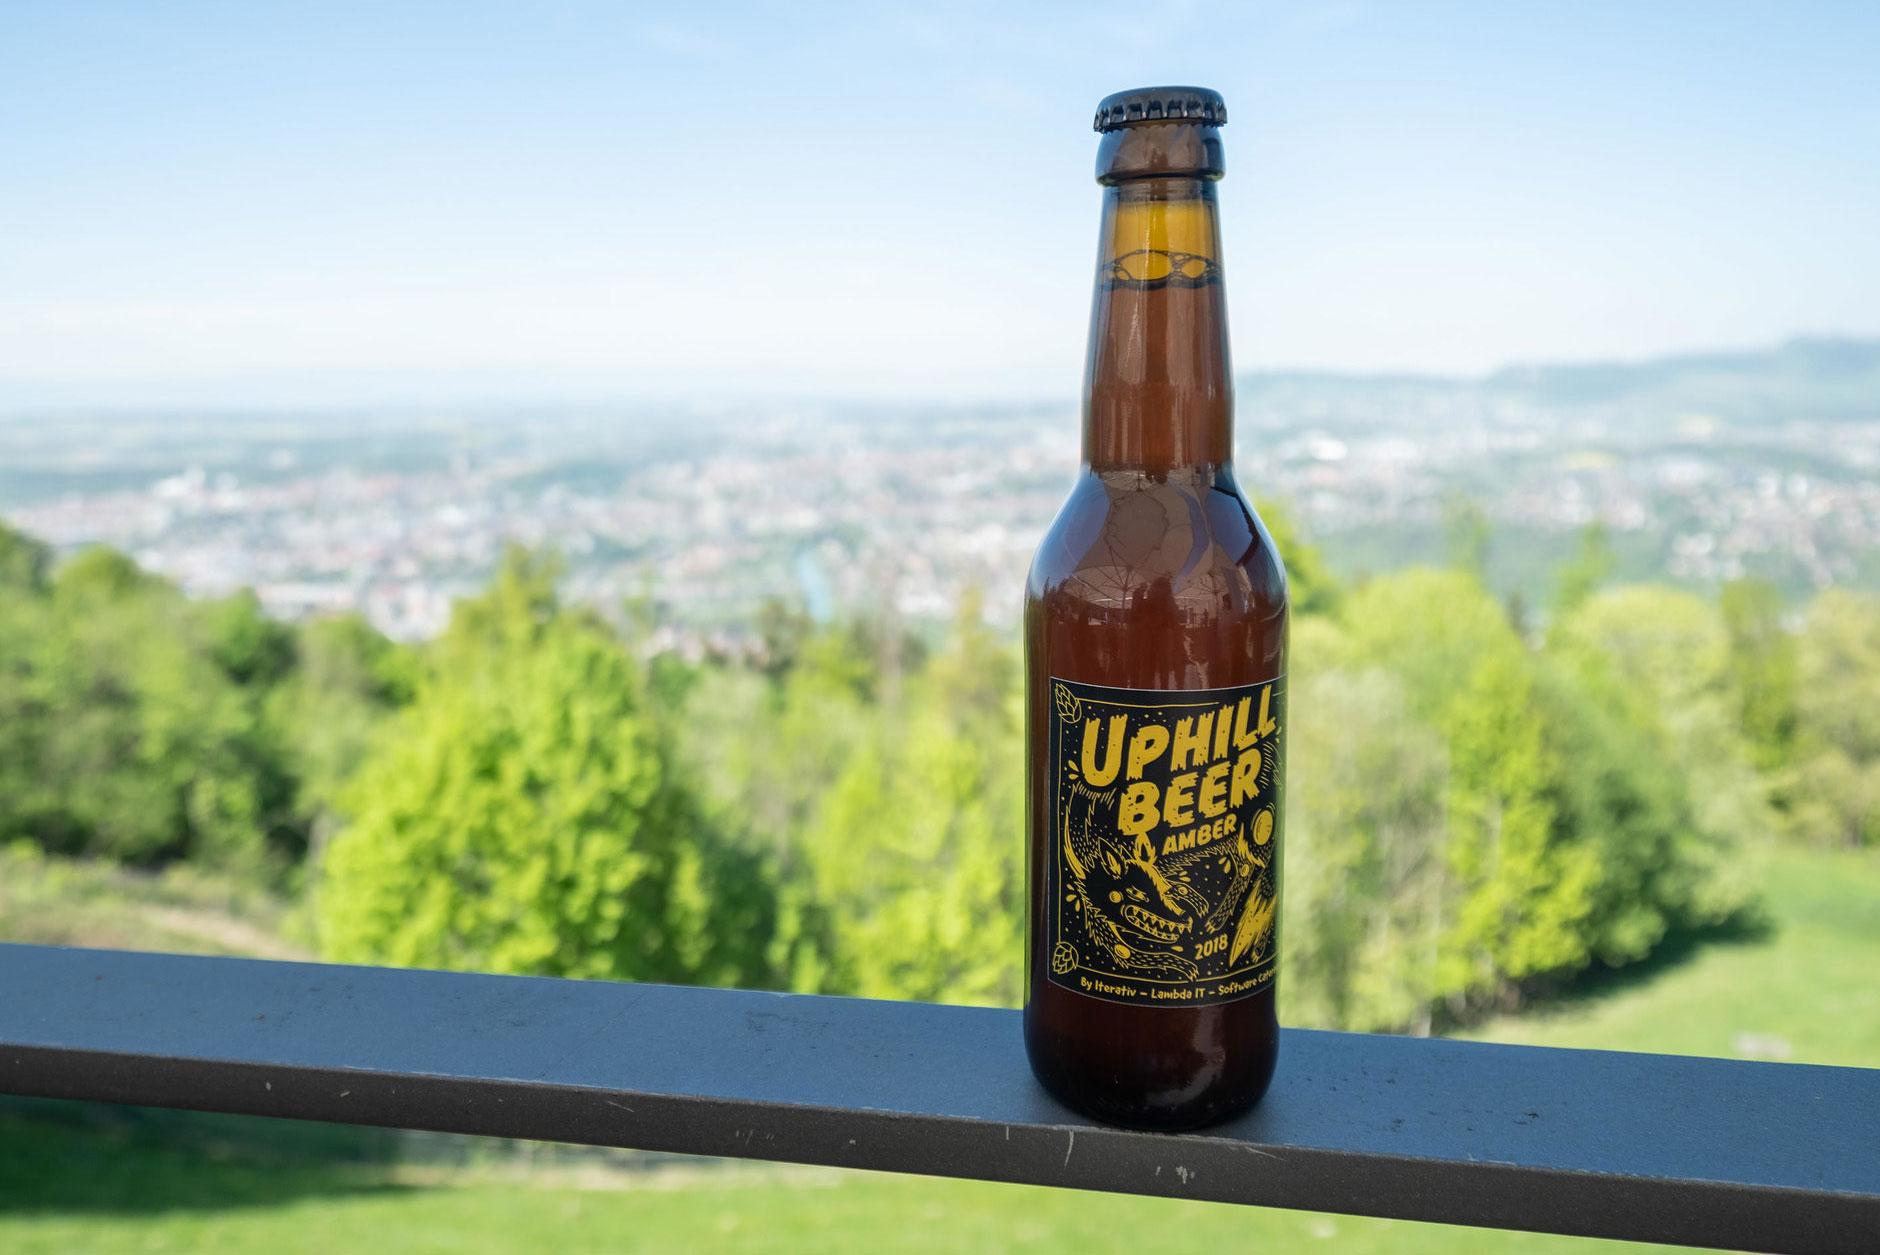 Uphill Beer